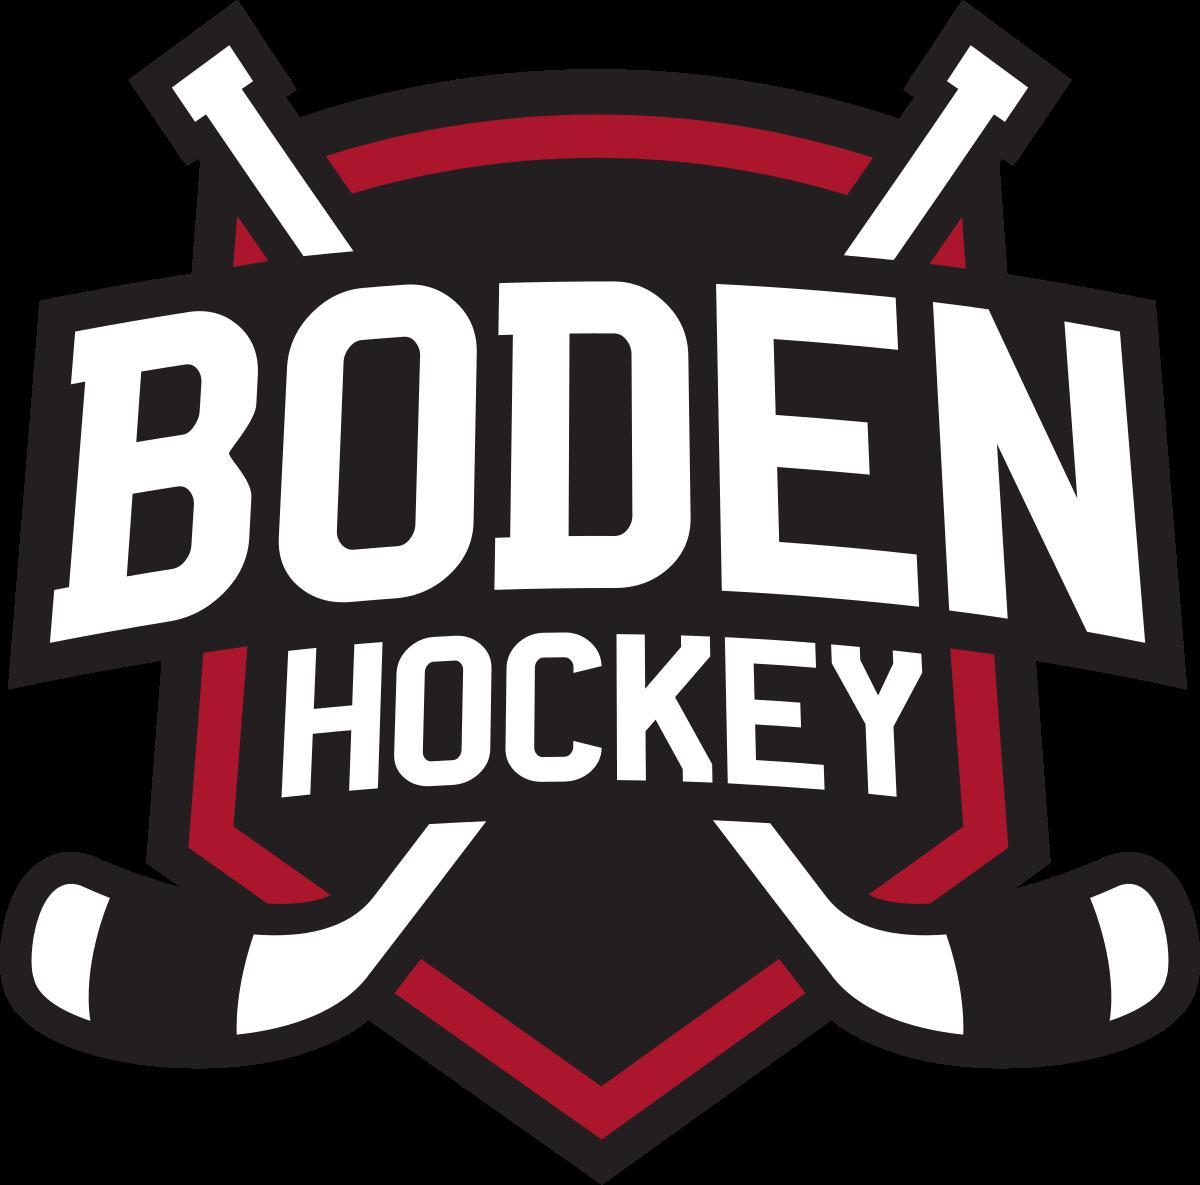 Boden Hockey.